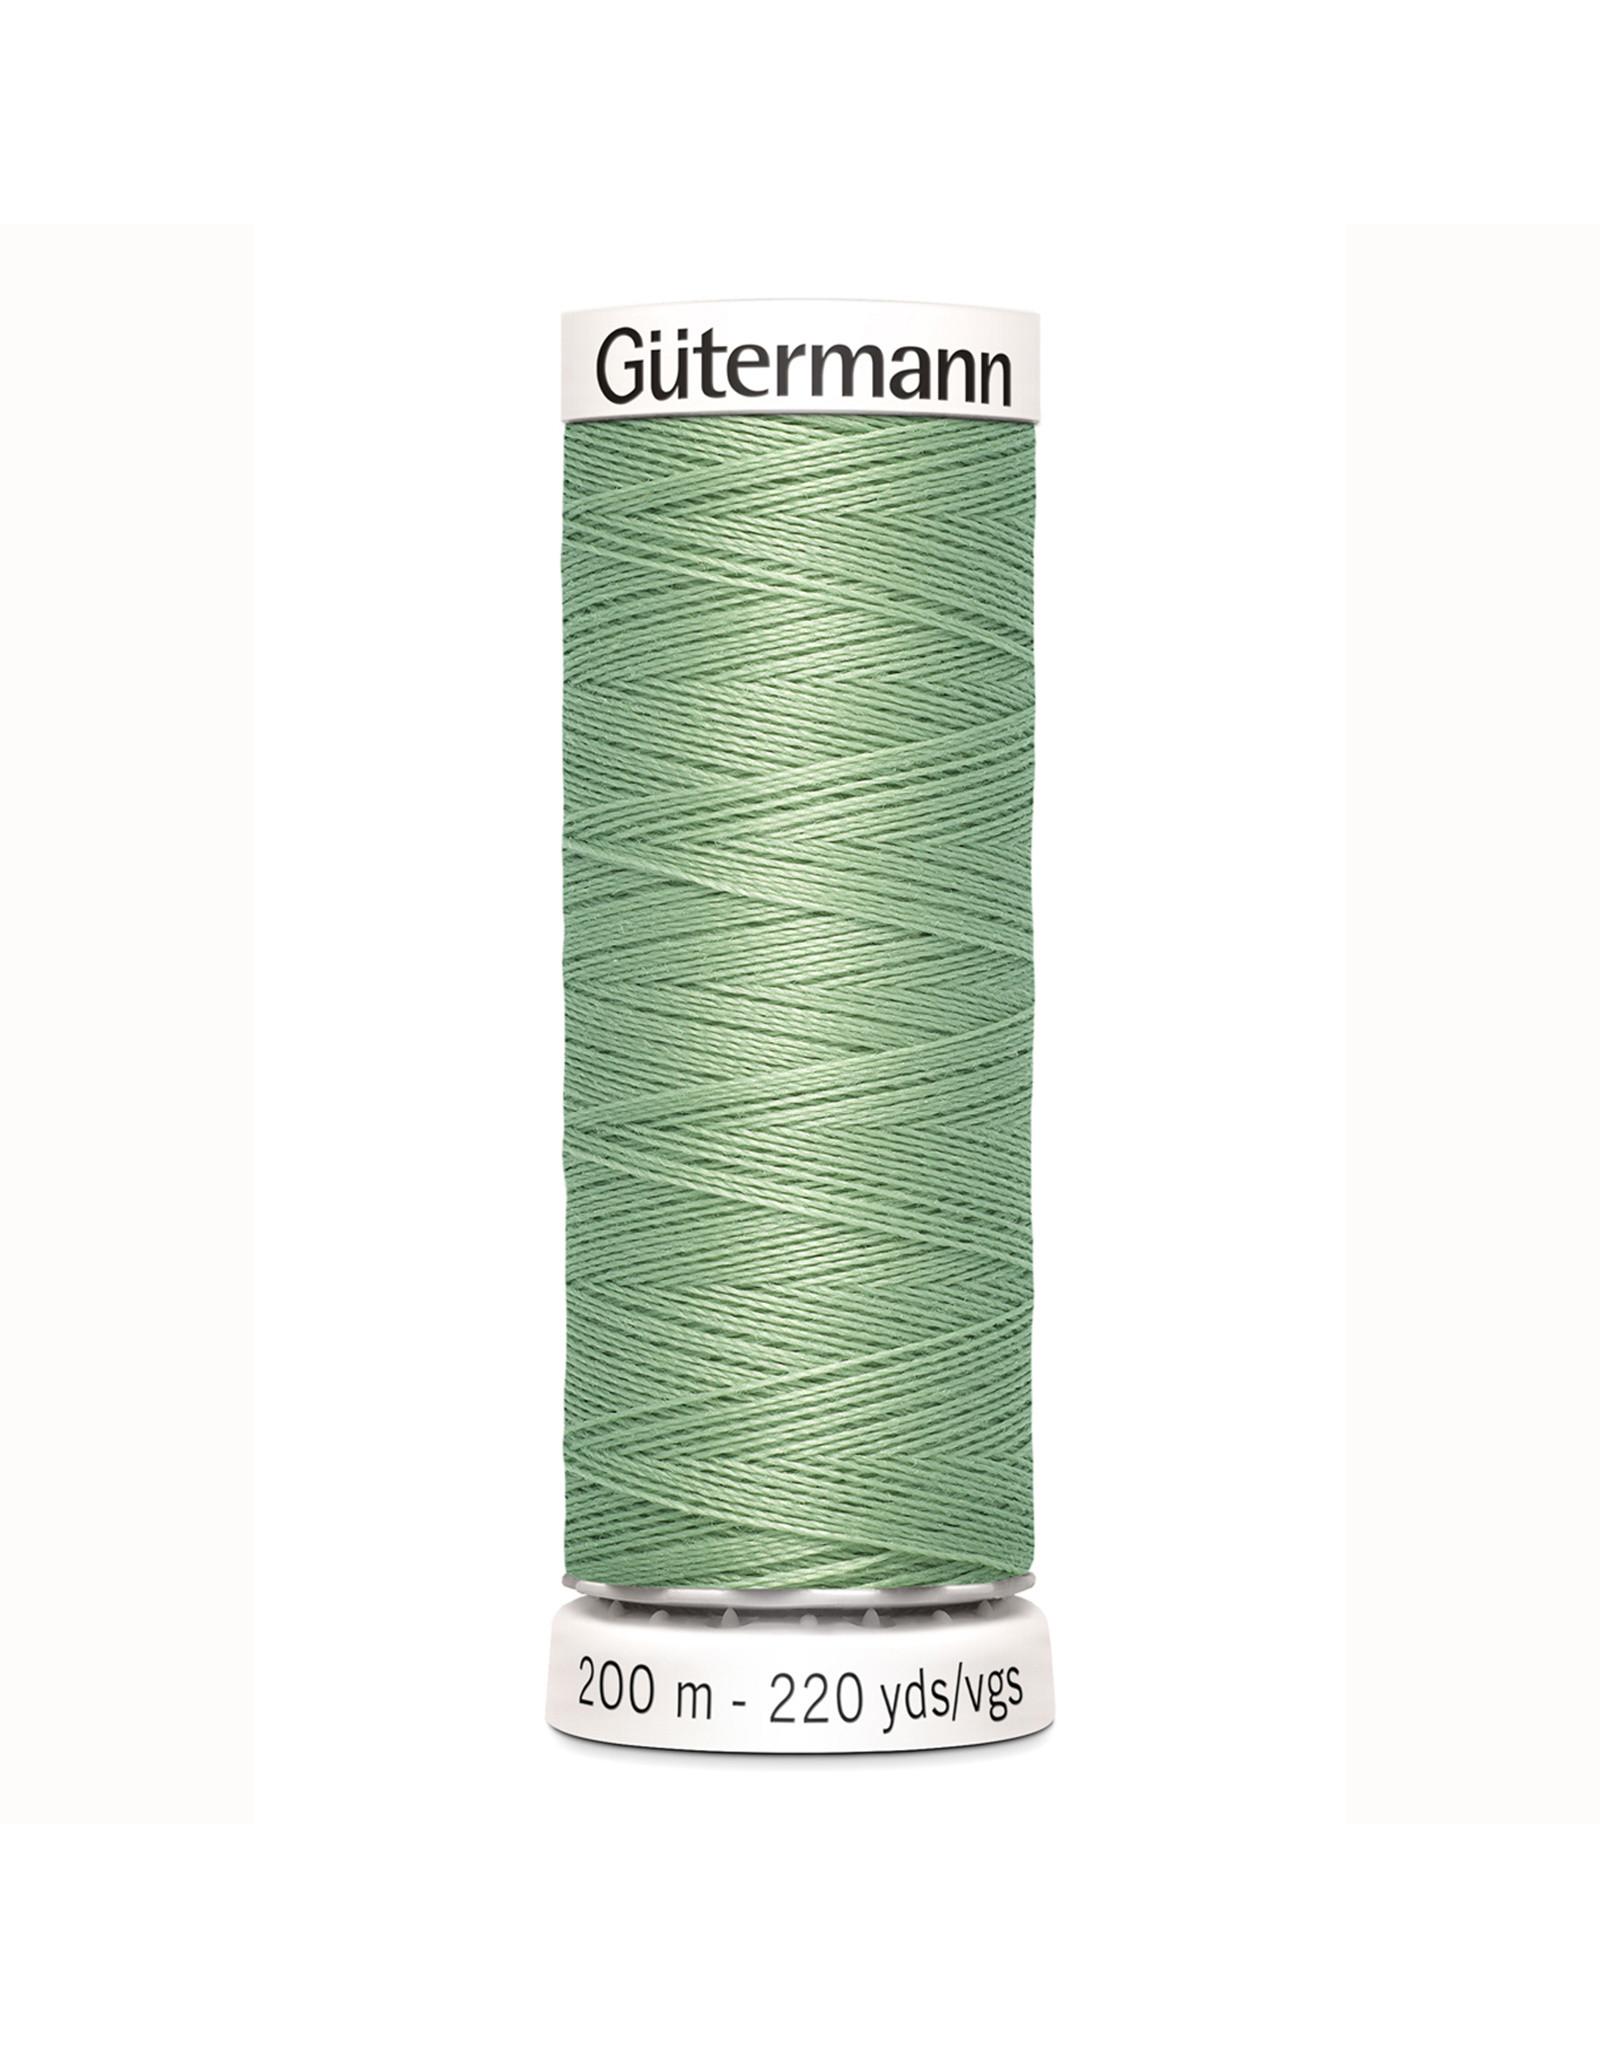 Gütermann Gütermann Nähgarn 200 m - nr 914